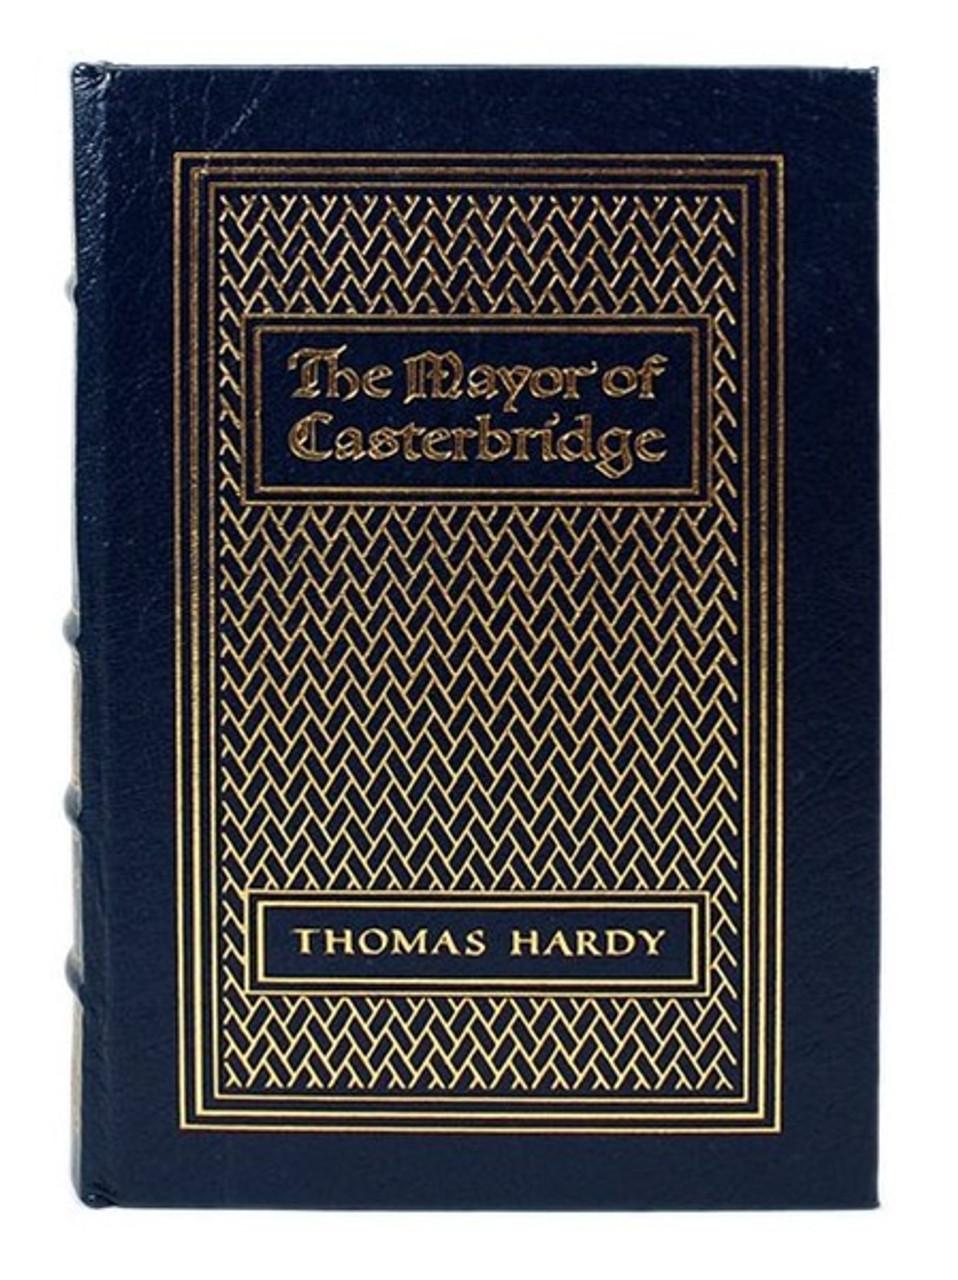 Easton Press 'The Mayor of Casterbridge' Thomas Hardy, Leather Bound